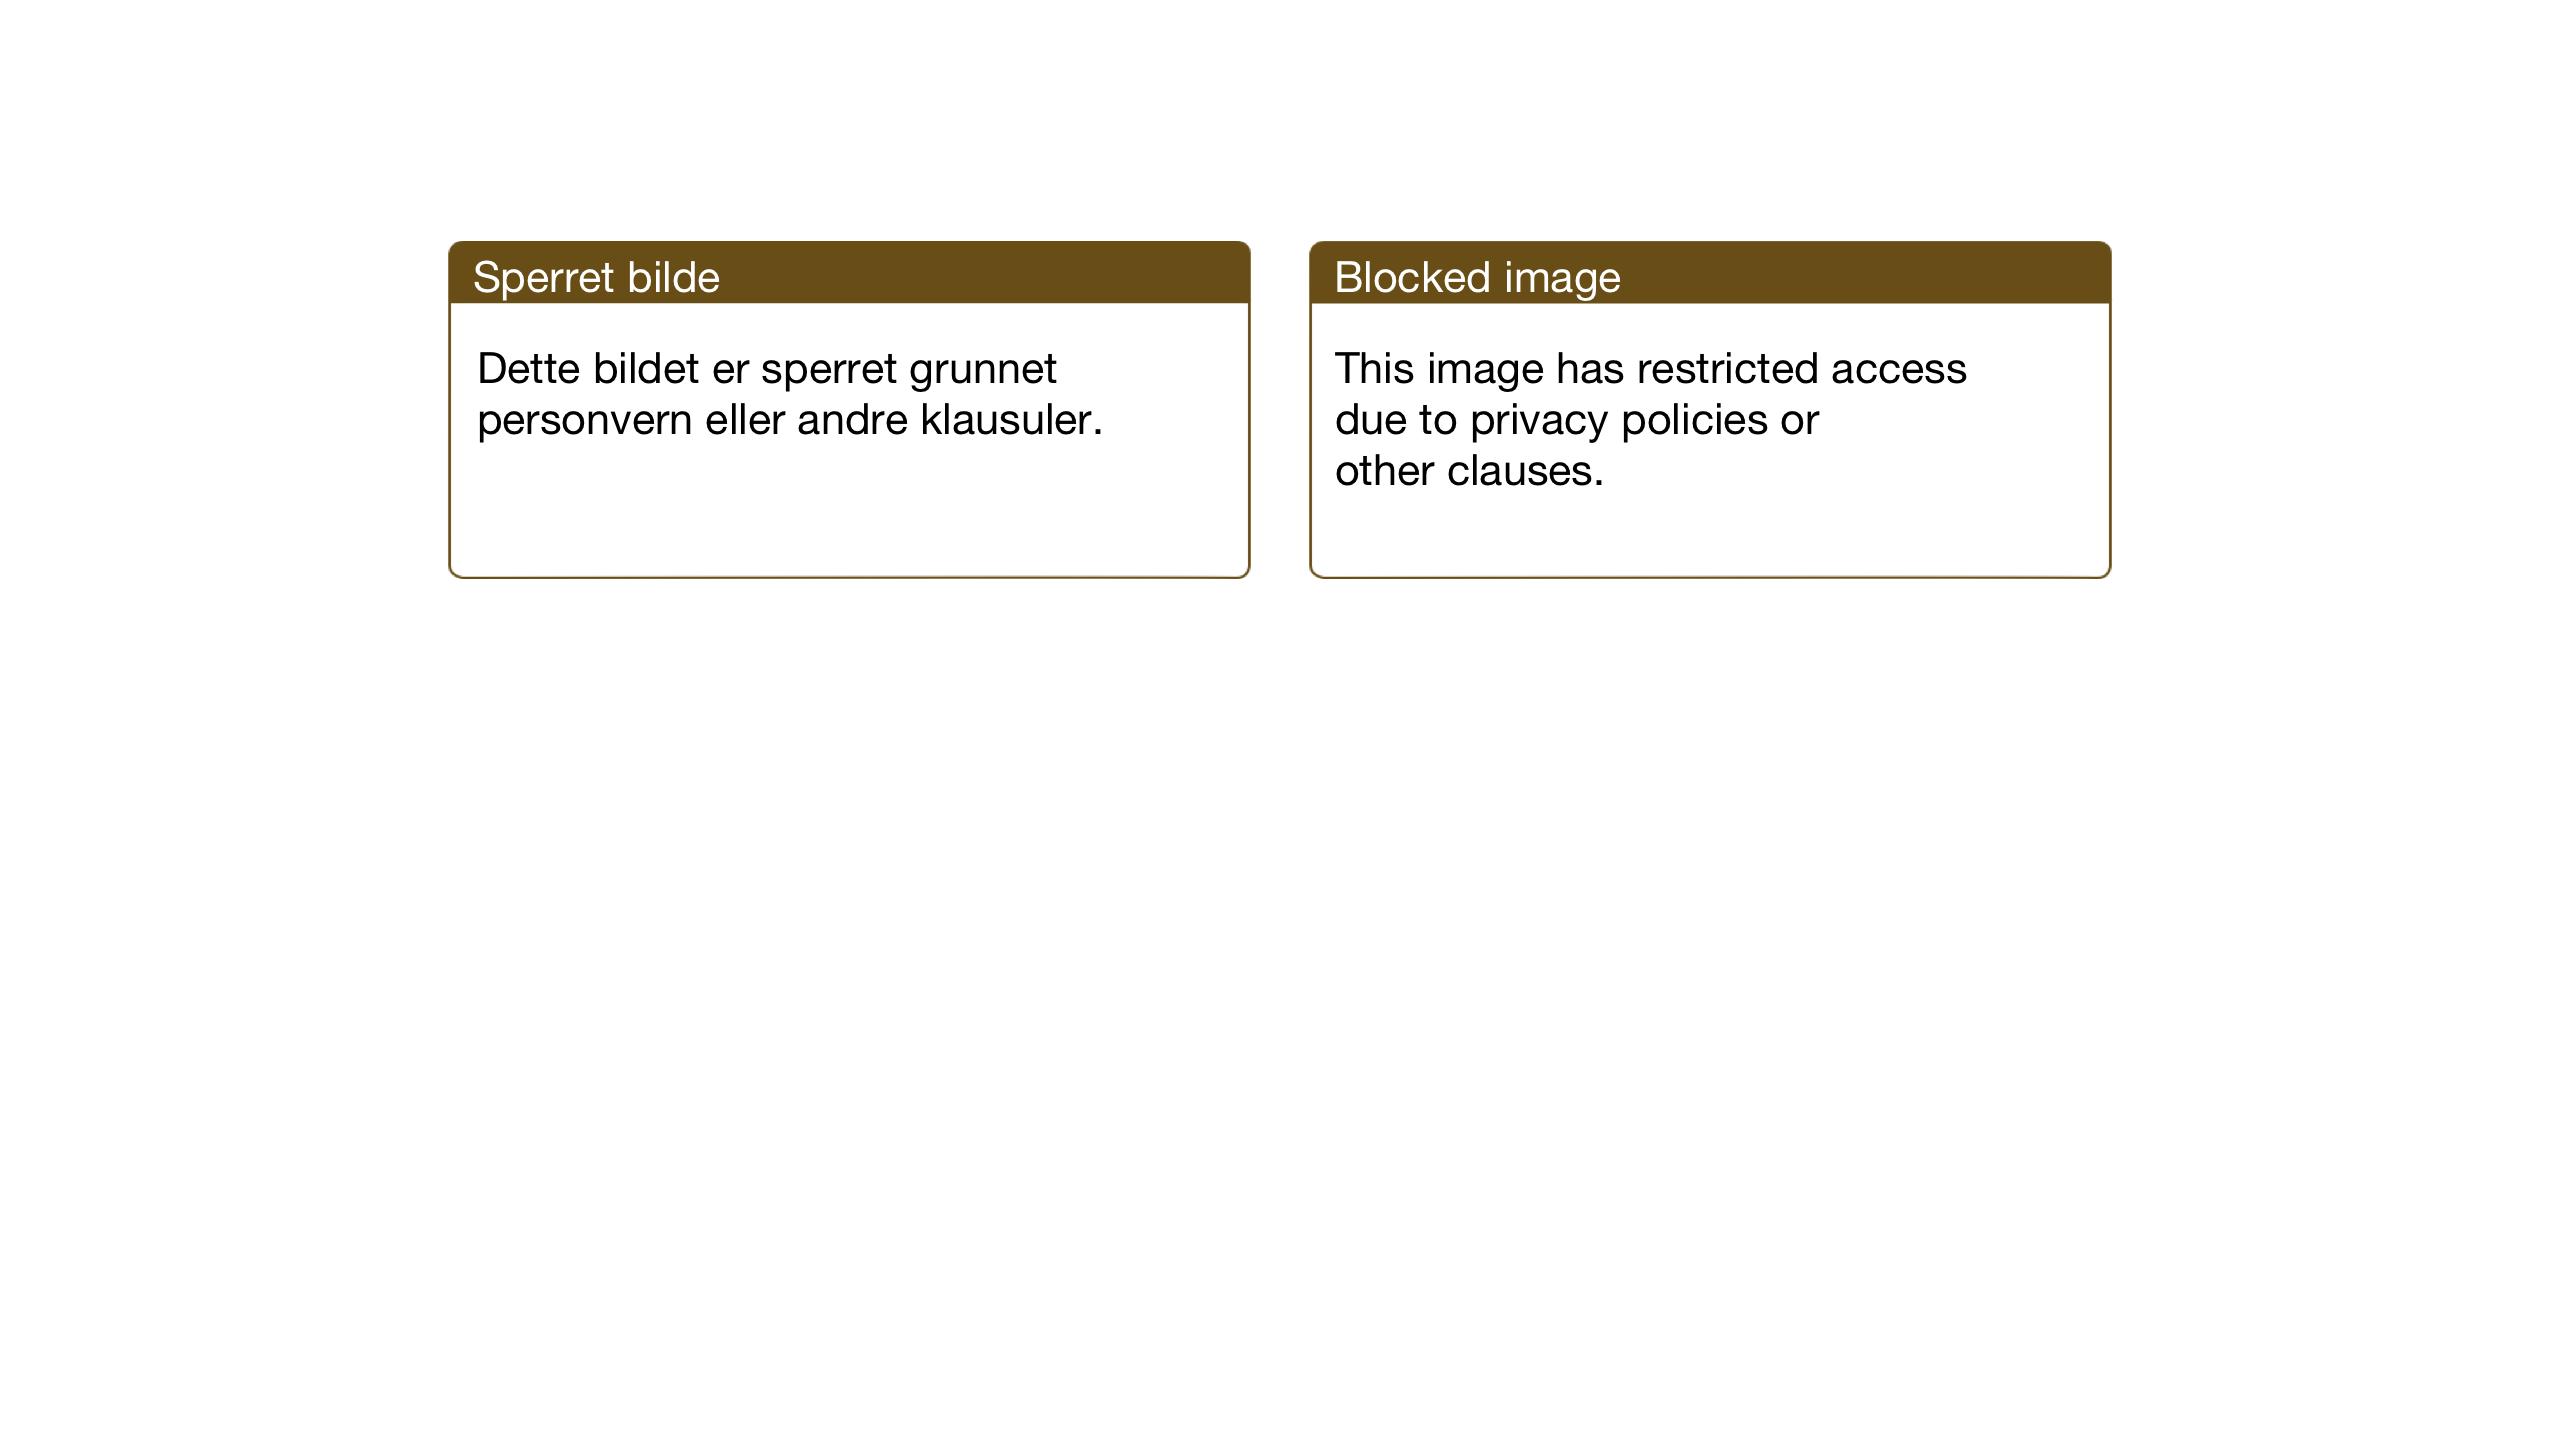 SAT, Ministerialprotokoller, klokkerbøker og fødselsregistre - Sør-Trøndelag, 688/L1030: Klokkerbok nr. 688C05, 1916-1939, s. 129